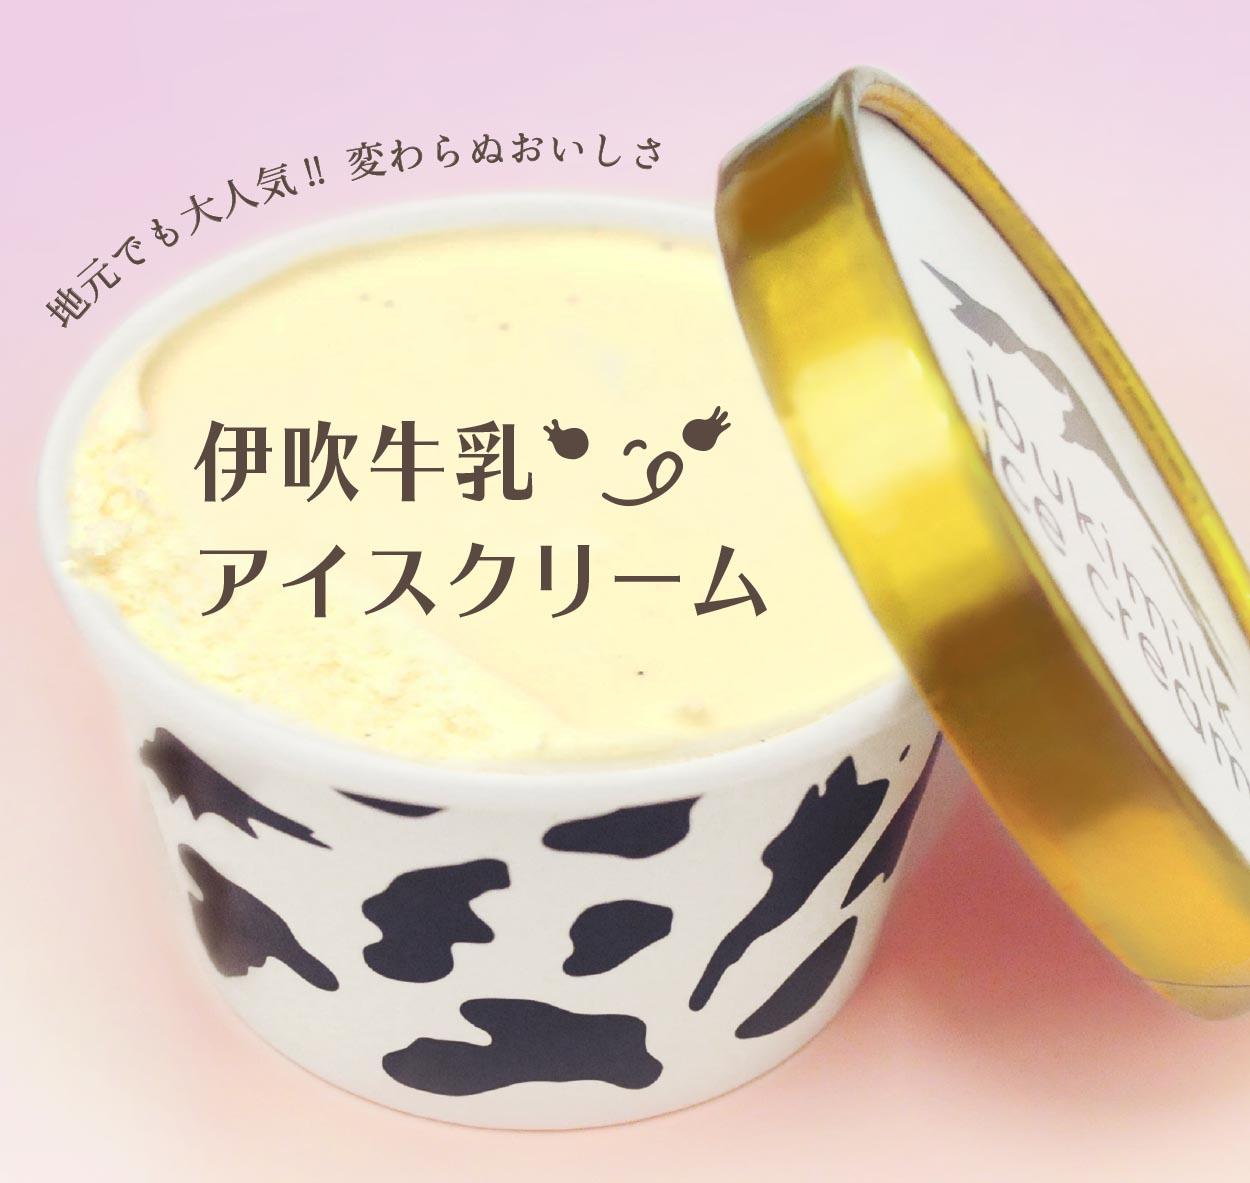 過ぎ 乳 製品 食べ